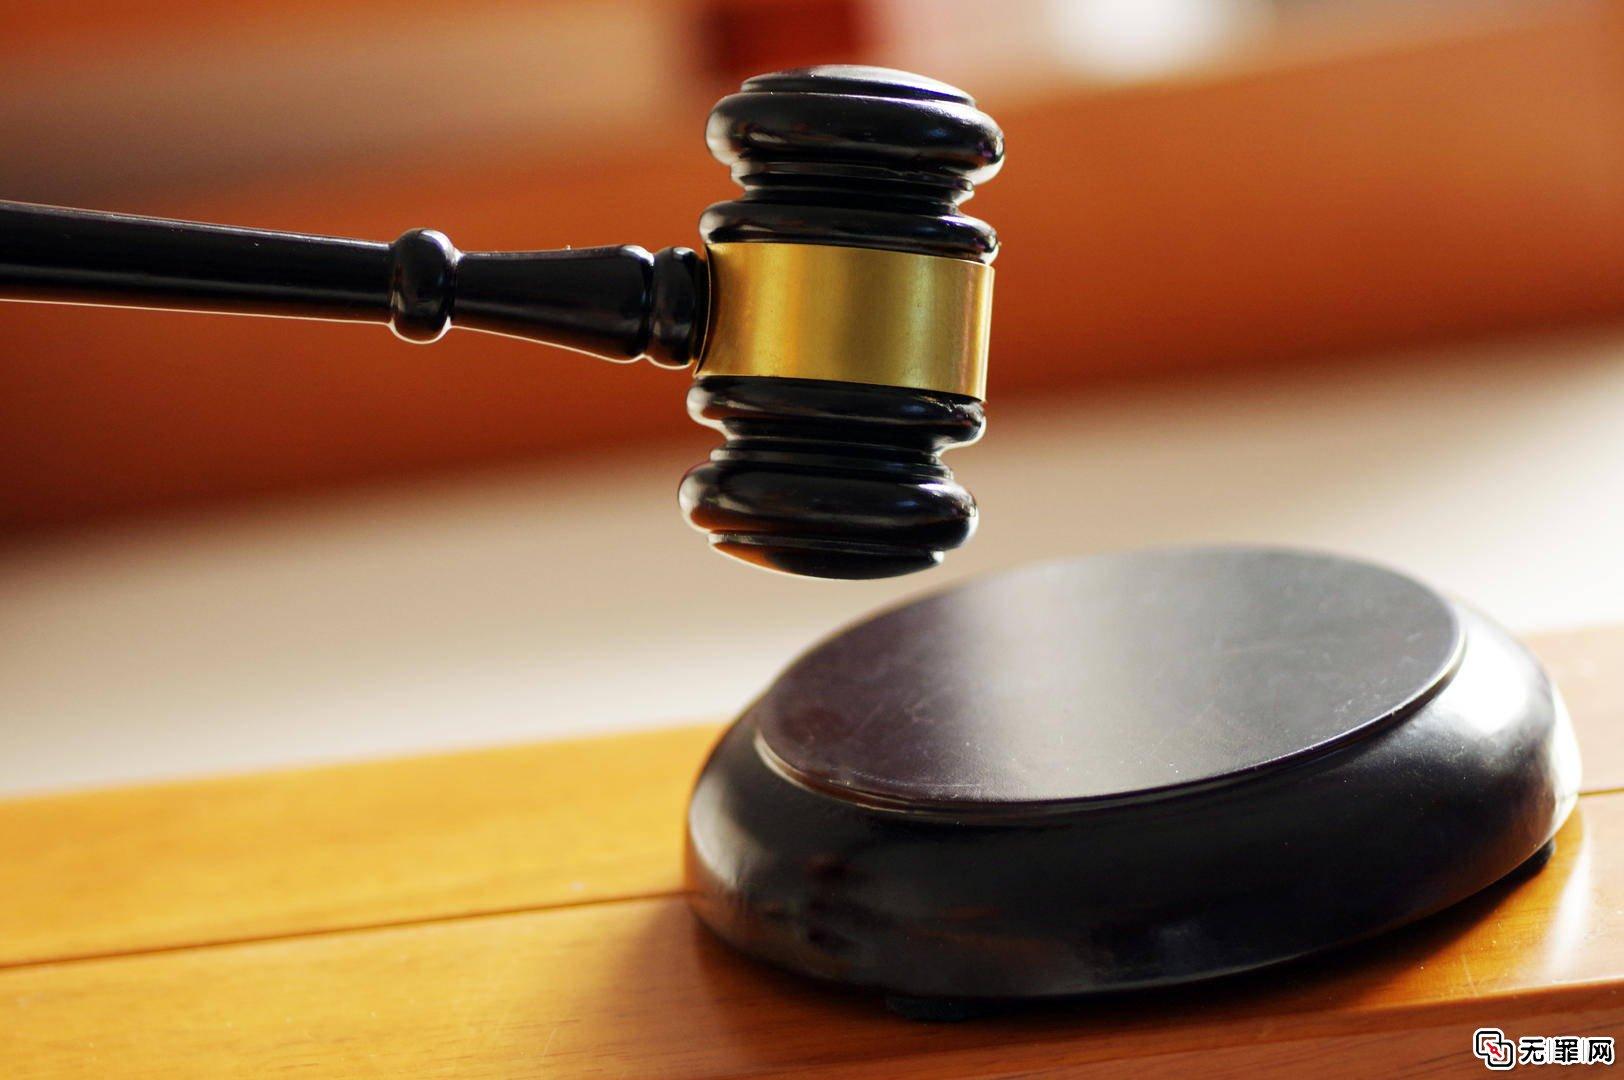 <b>交通事故责任认定不清,被控交通肇事获无罪</b>